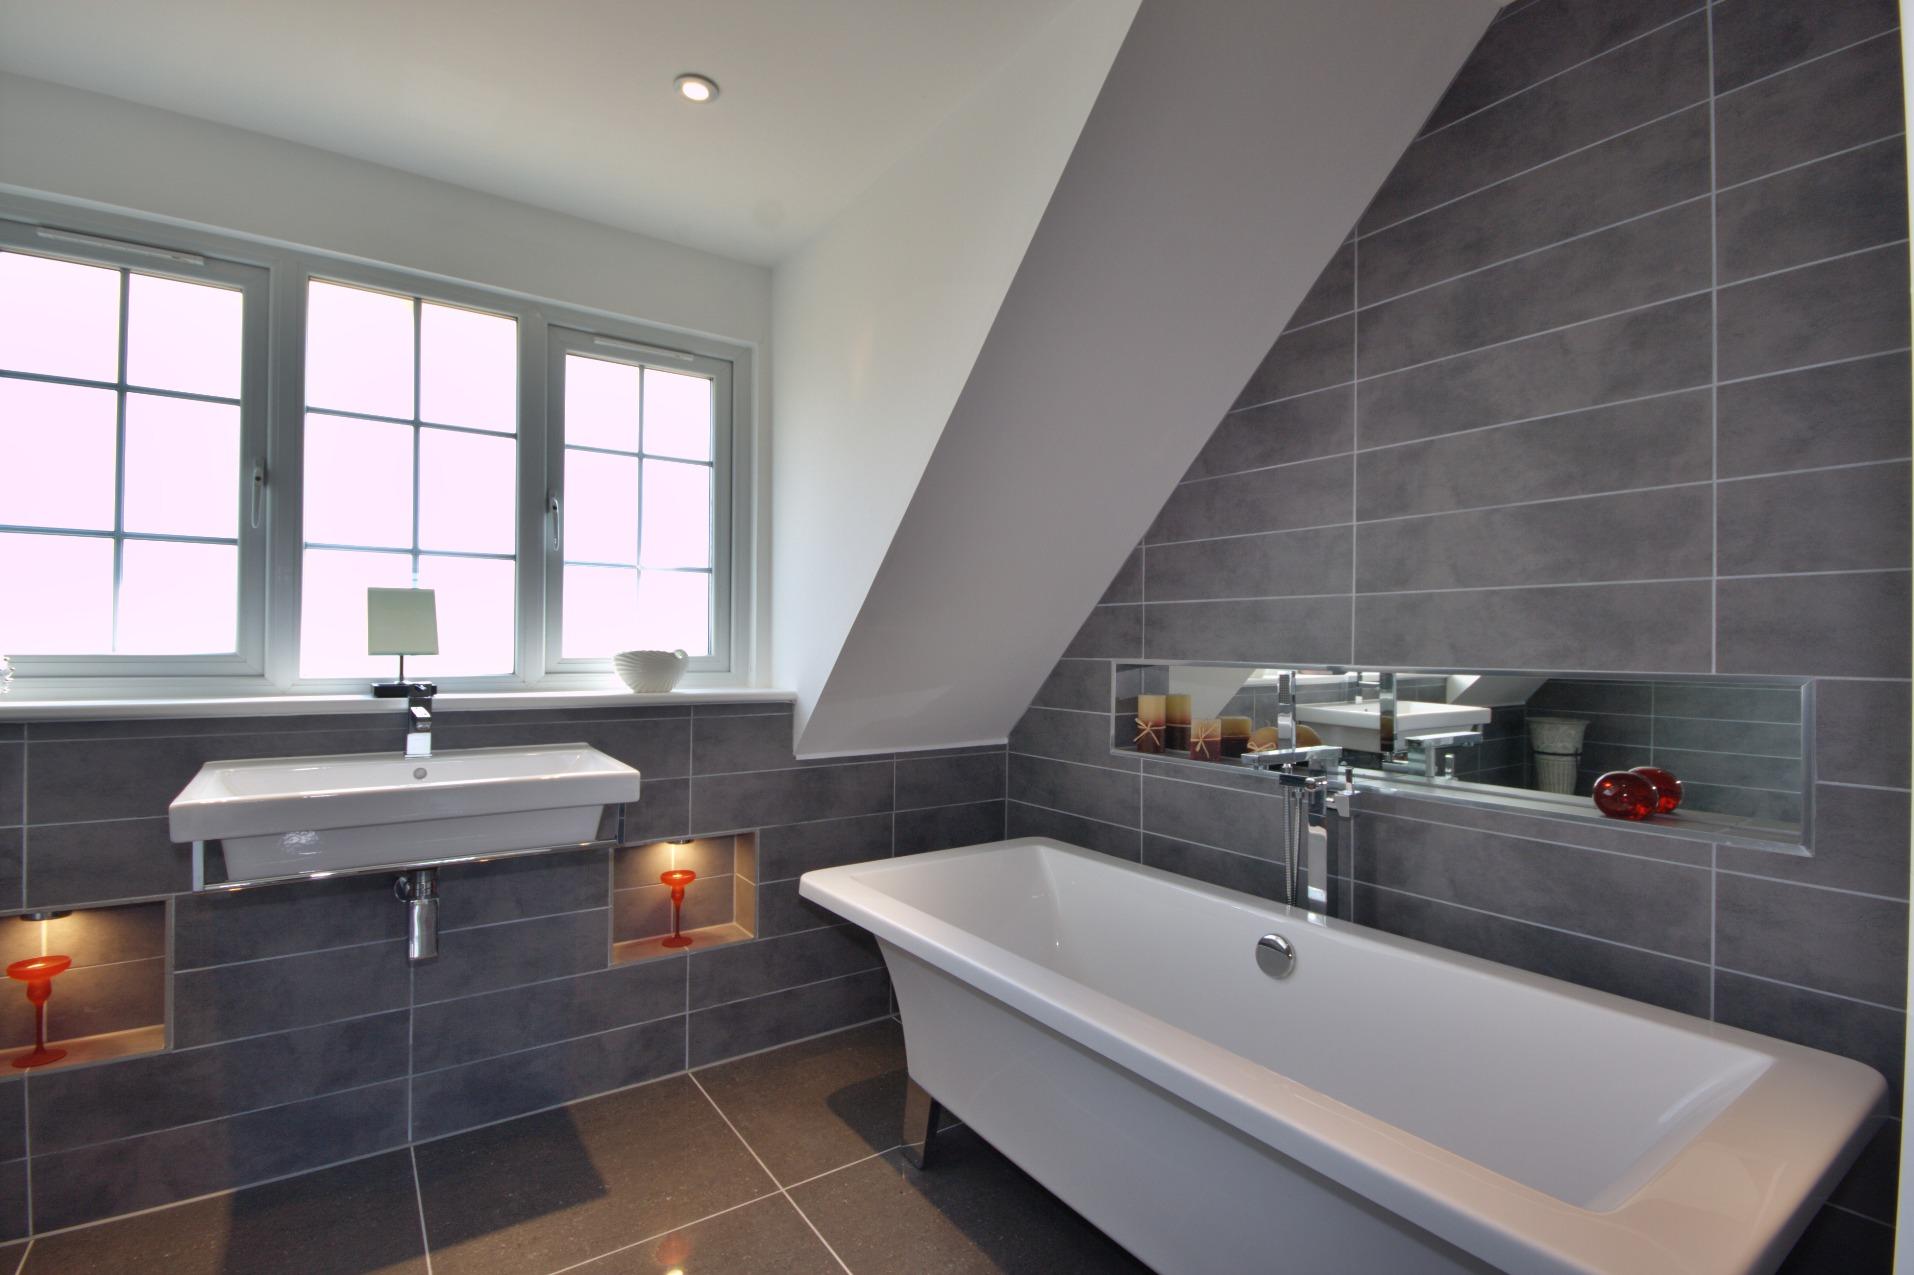 en suite bathroom ensuite-bathroom-decoration OZLXFCS